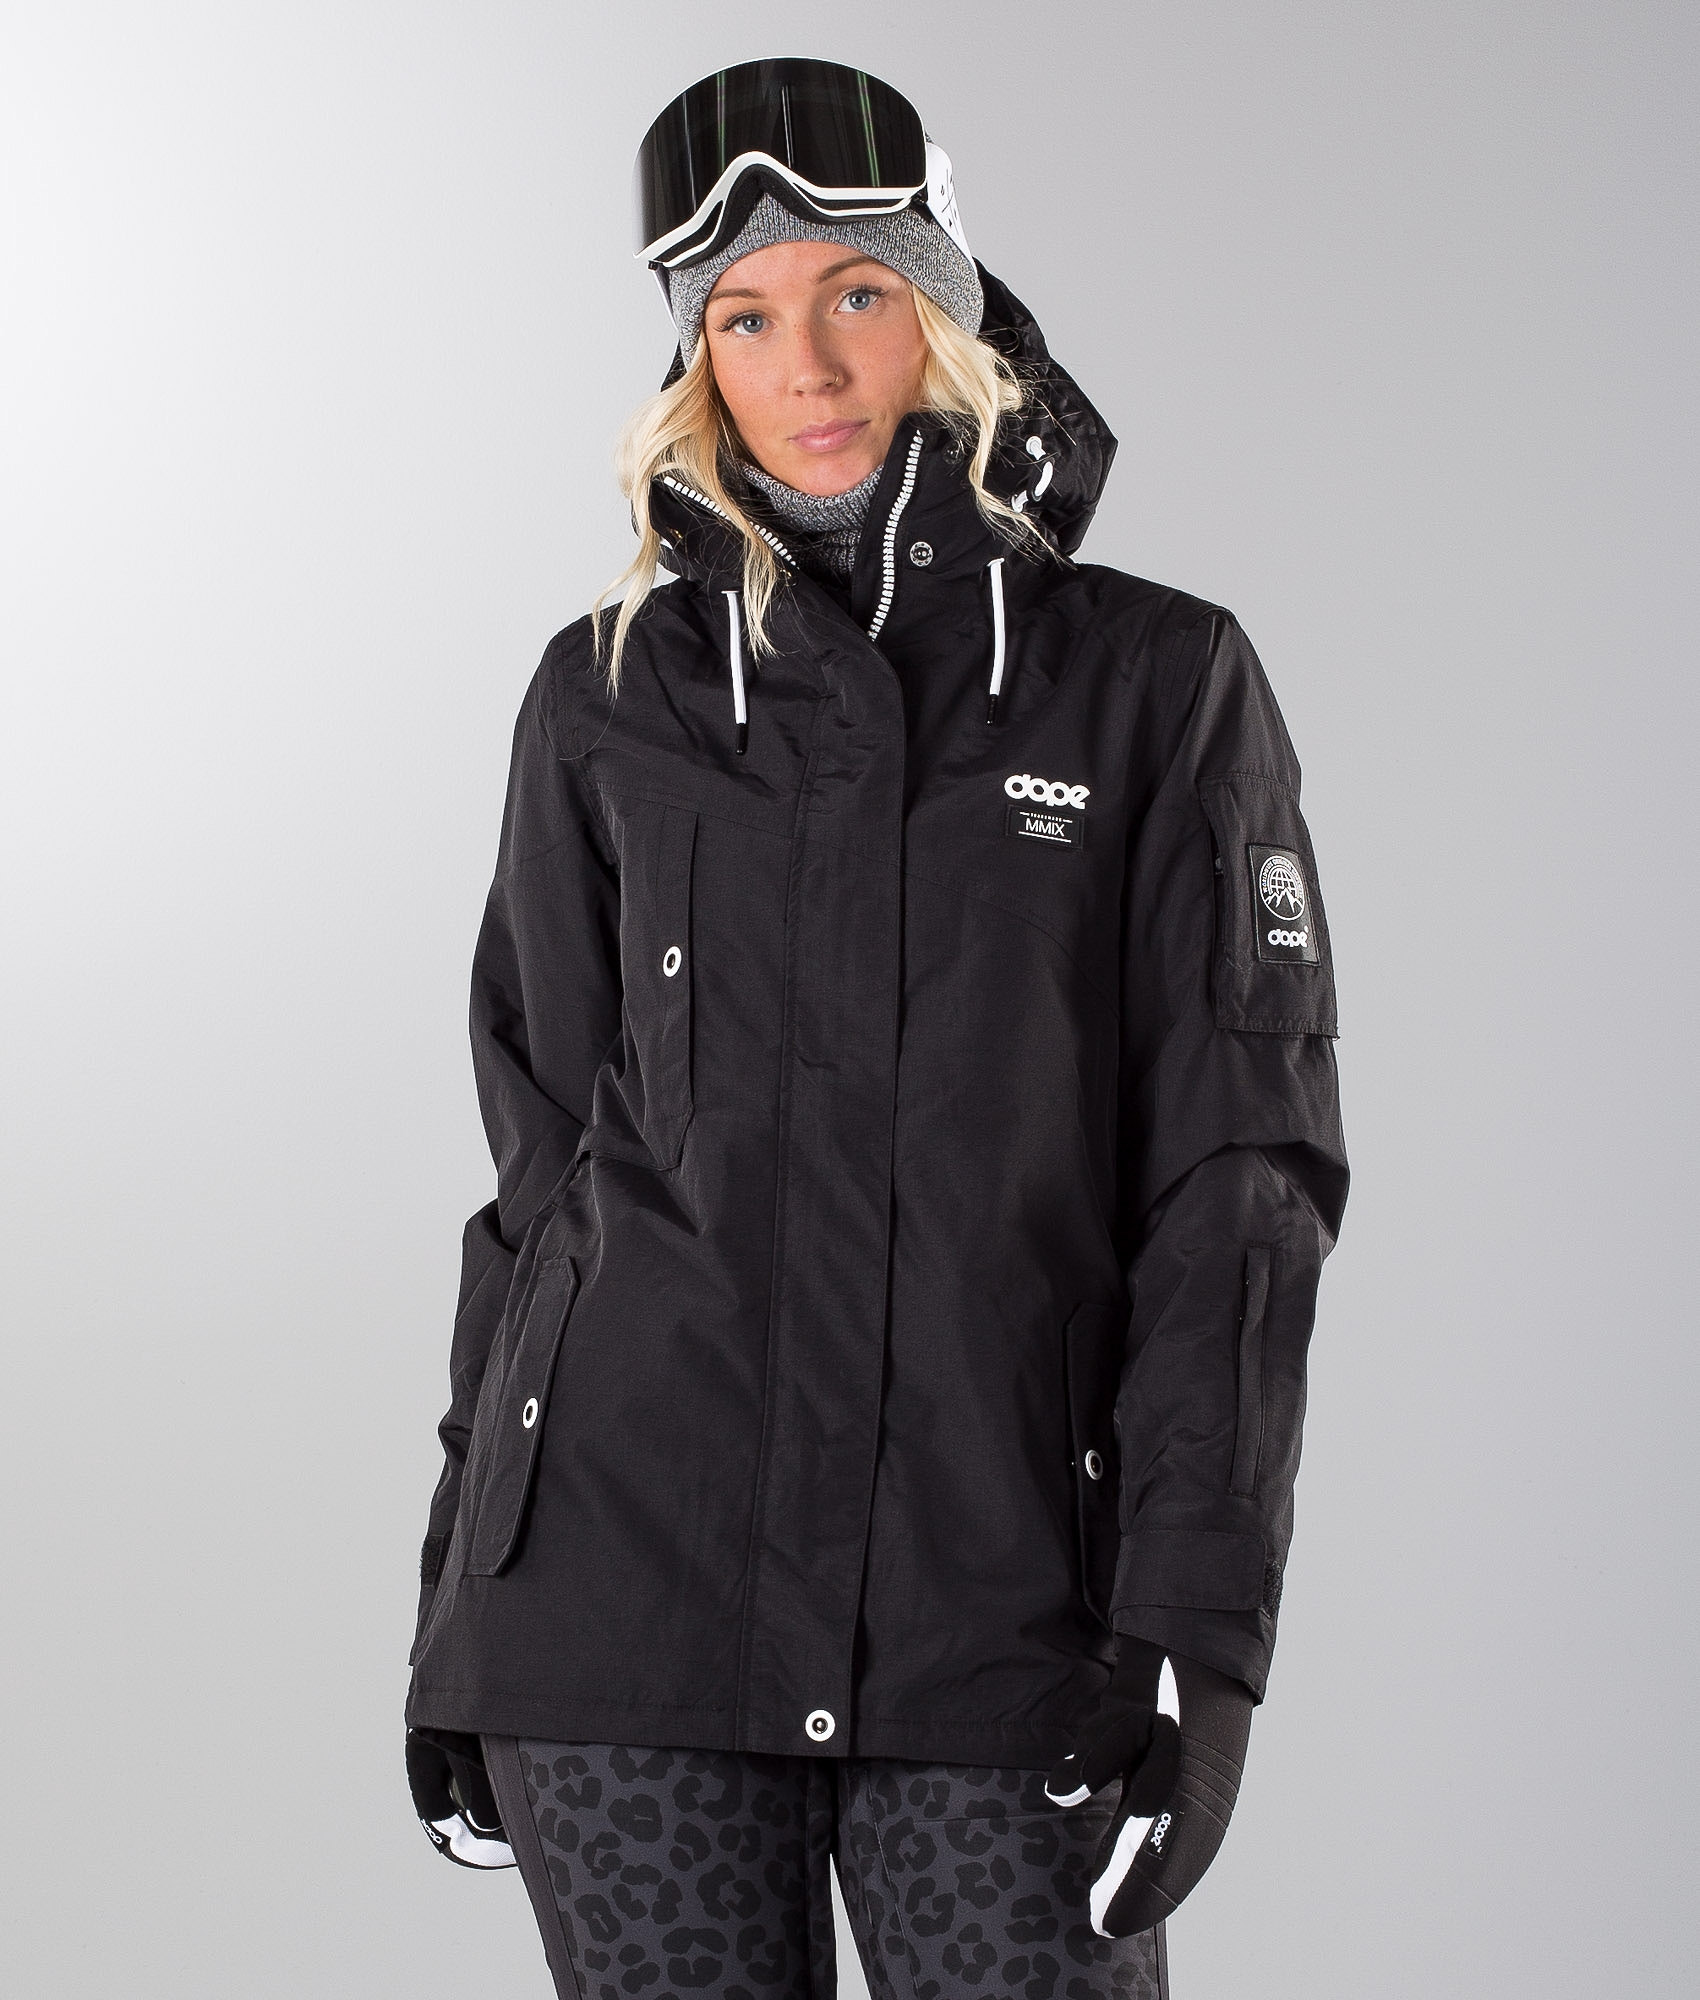 c926f8050f Skijacken Damen Online Kaufen